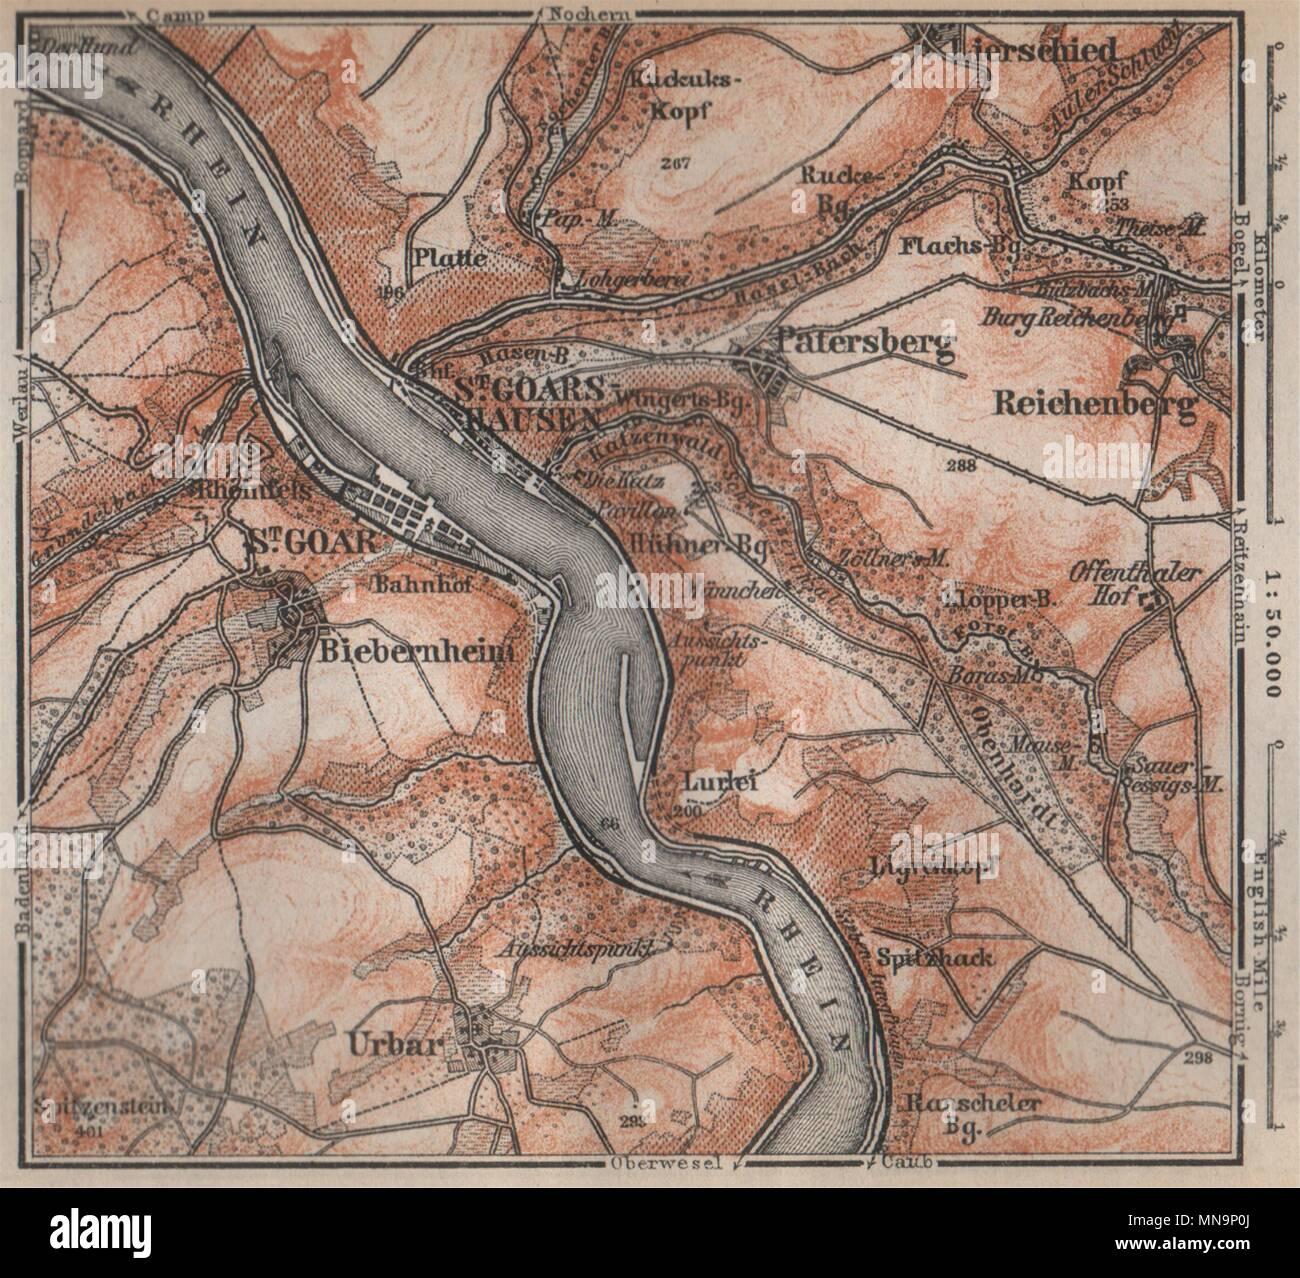 Mittelrheintal Karte.Sankt Goar St Goarshausen Oberes Mittelrheintal Rhine Gorge